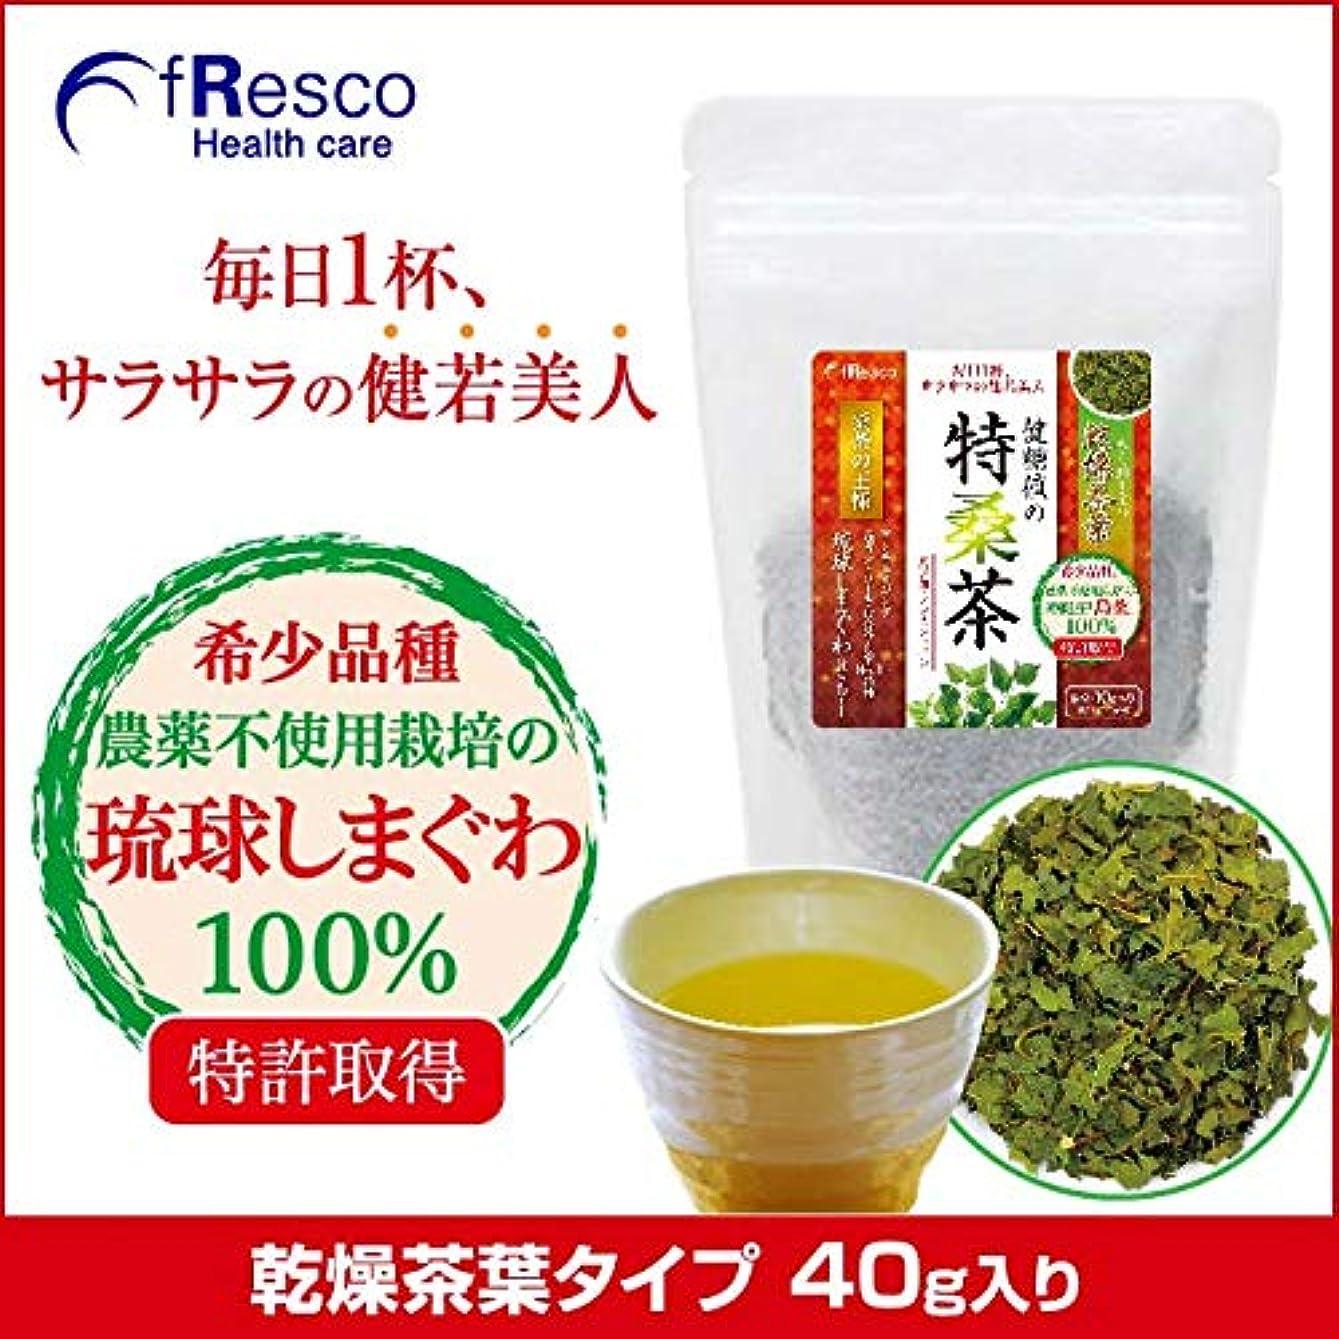 セブン大腿嵐が丘桑茶の王様 琉球しまぐわ 健糖値の特桑茶 乾燥茶葉